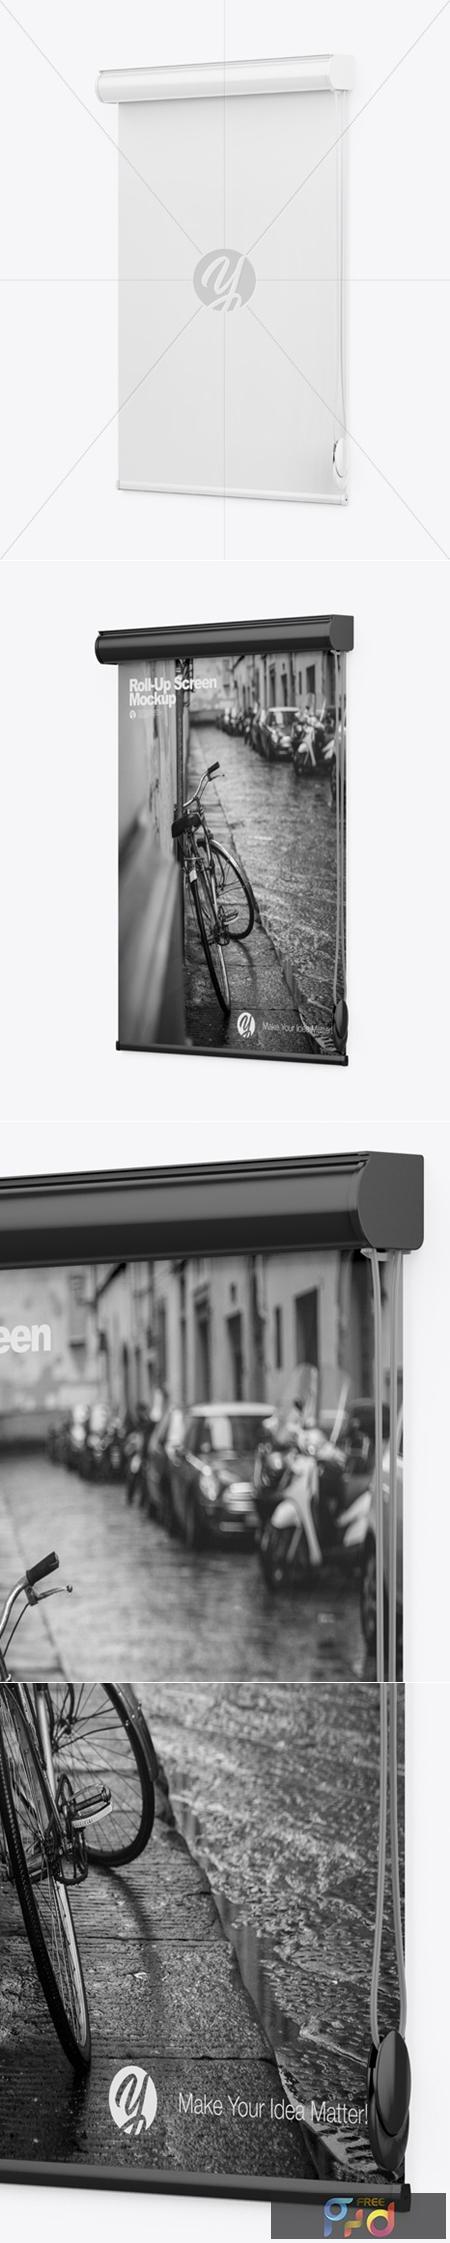 Projector Screen Mockup 43405 1